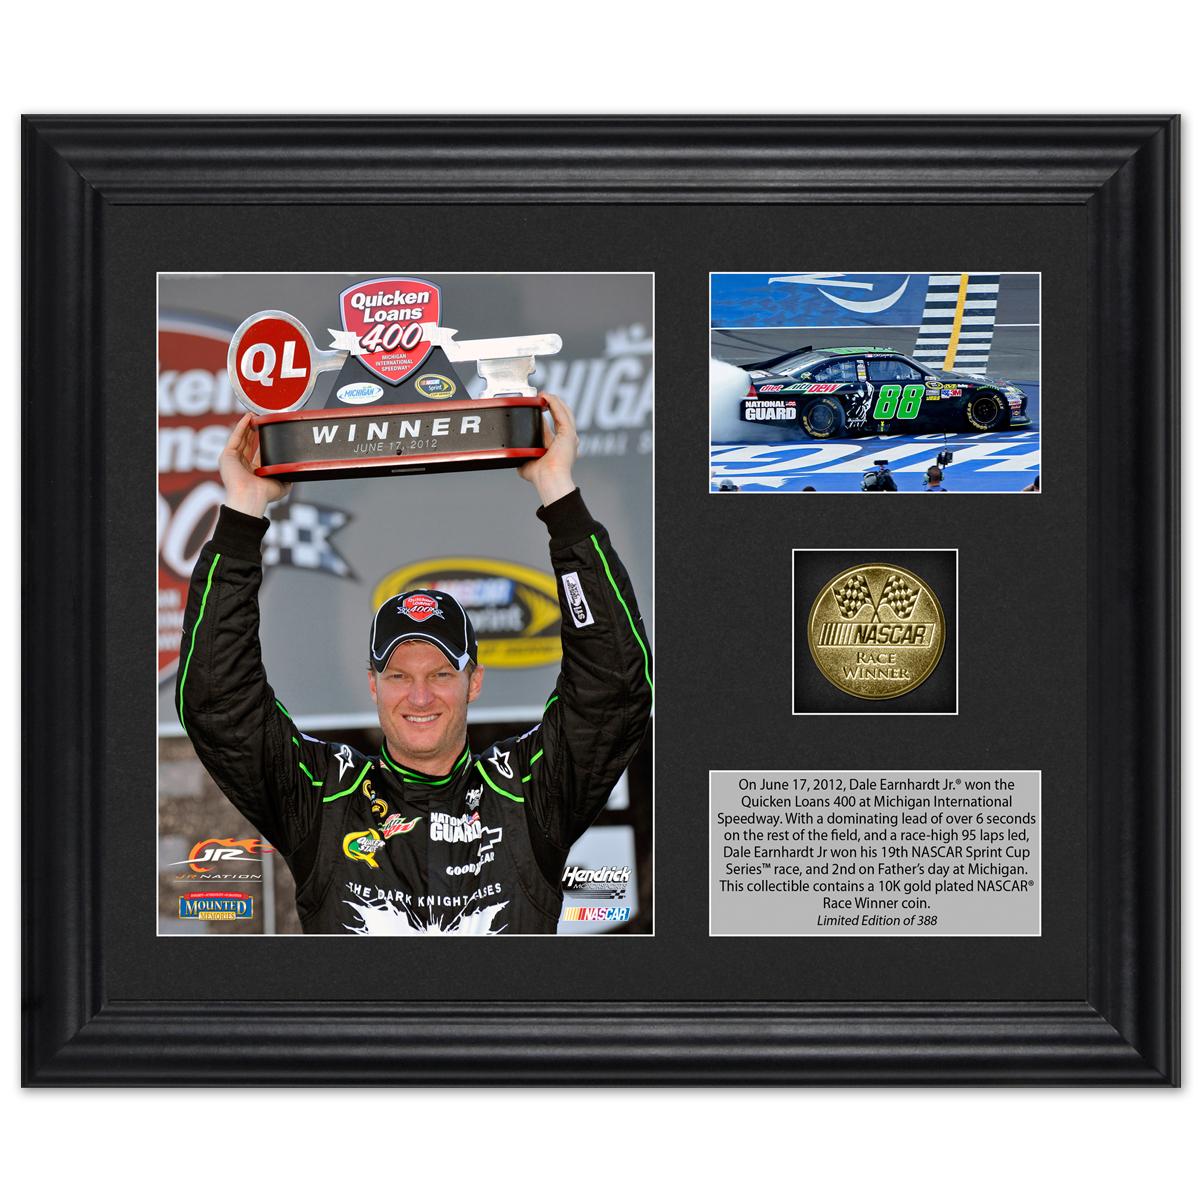 Dale Earnhardt Jr. 2012 Quicken Loans 400 Race Winner Framed 6x5 Photo w/ Plate & Gold Coin – L.E. of 388